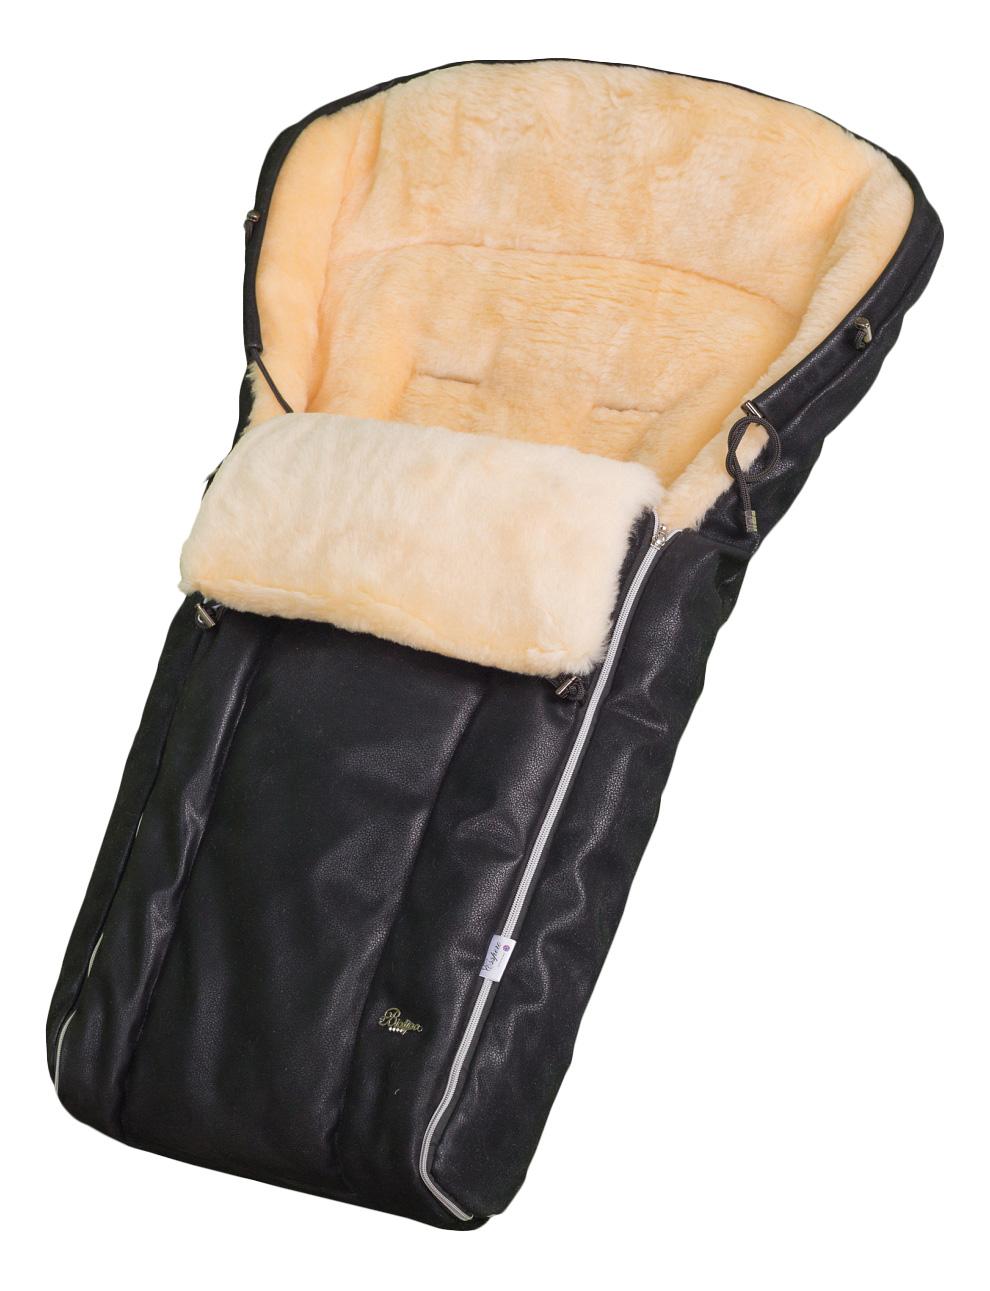 Конверт-мешок для детской коляски Esspero В коляску Lukas Lux black